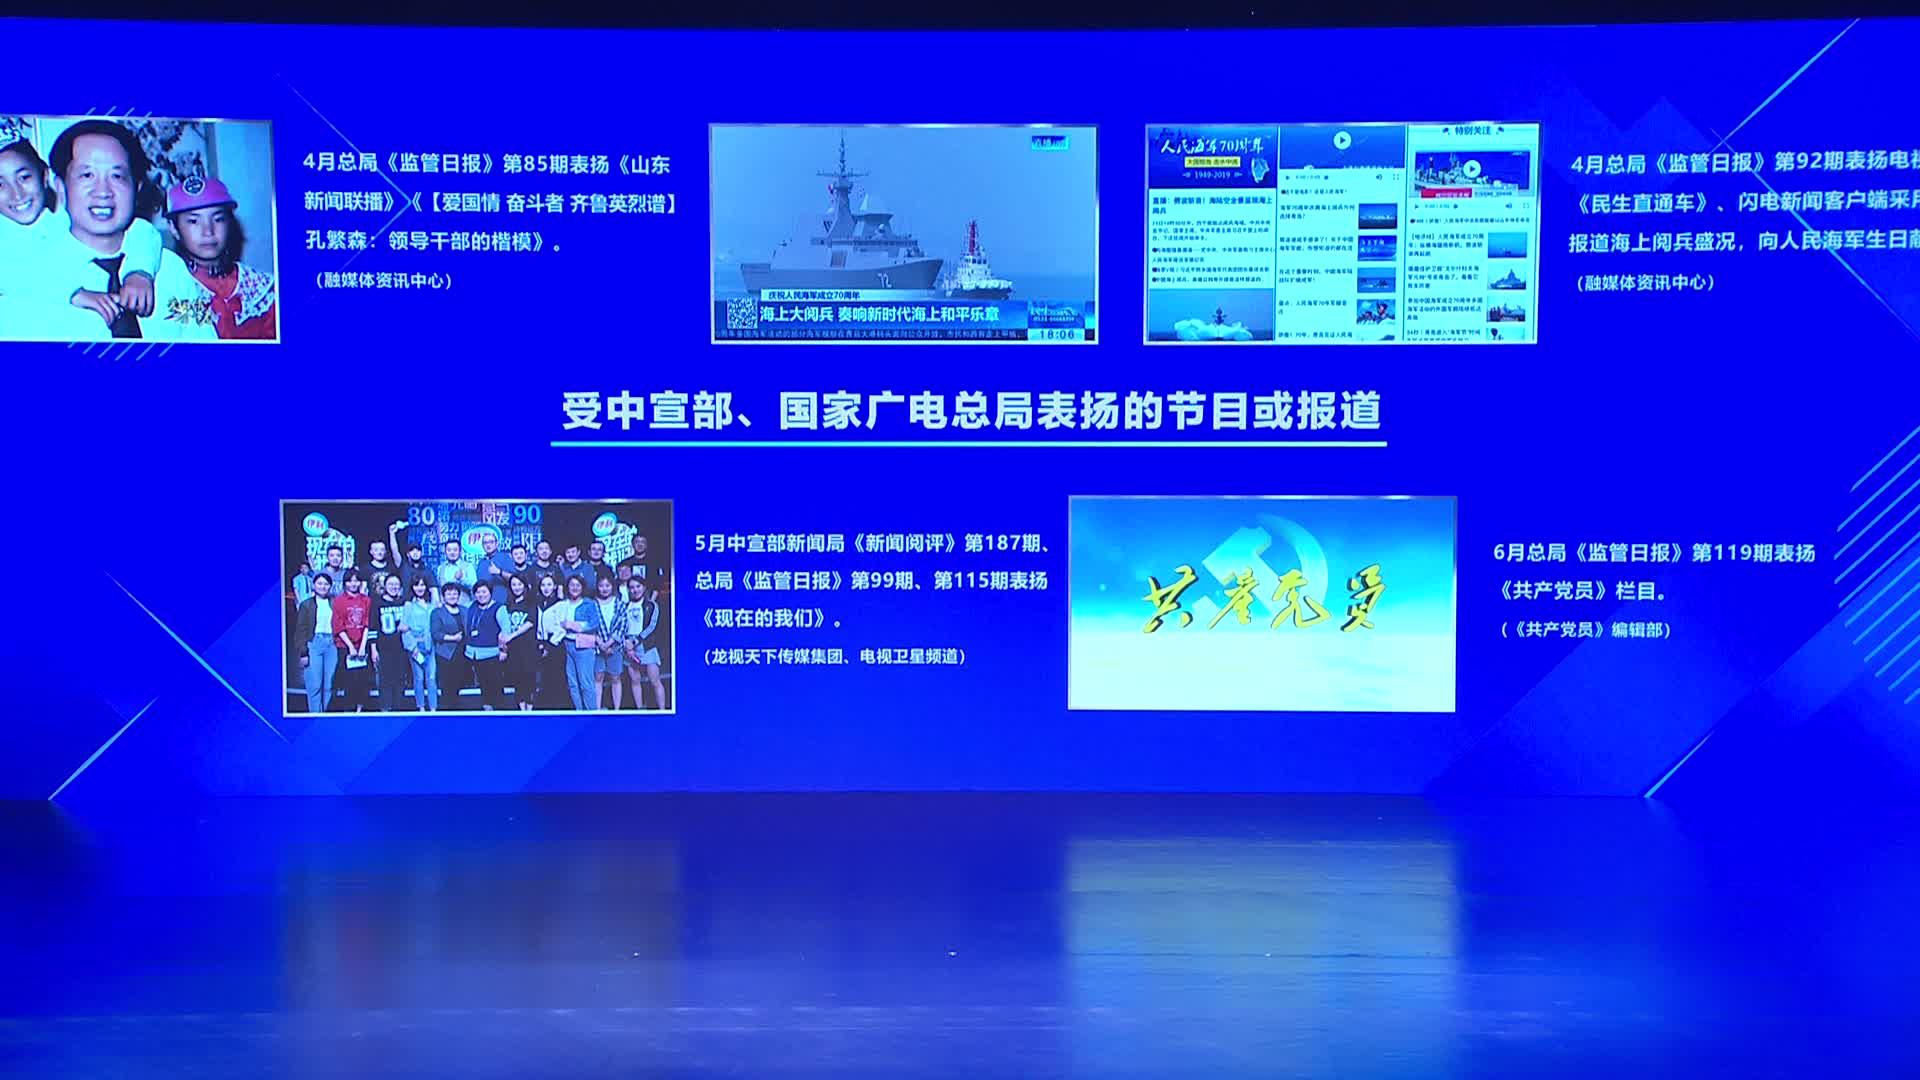 受中宣部、国家广电总局表扬的节目或报道